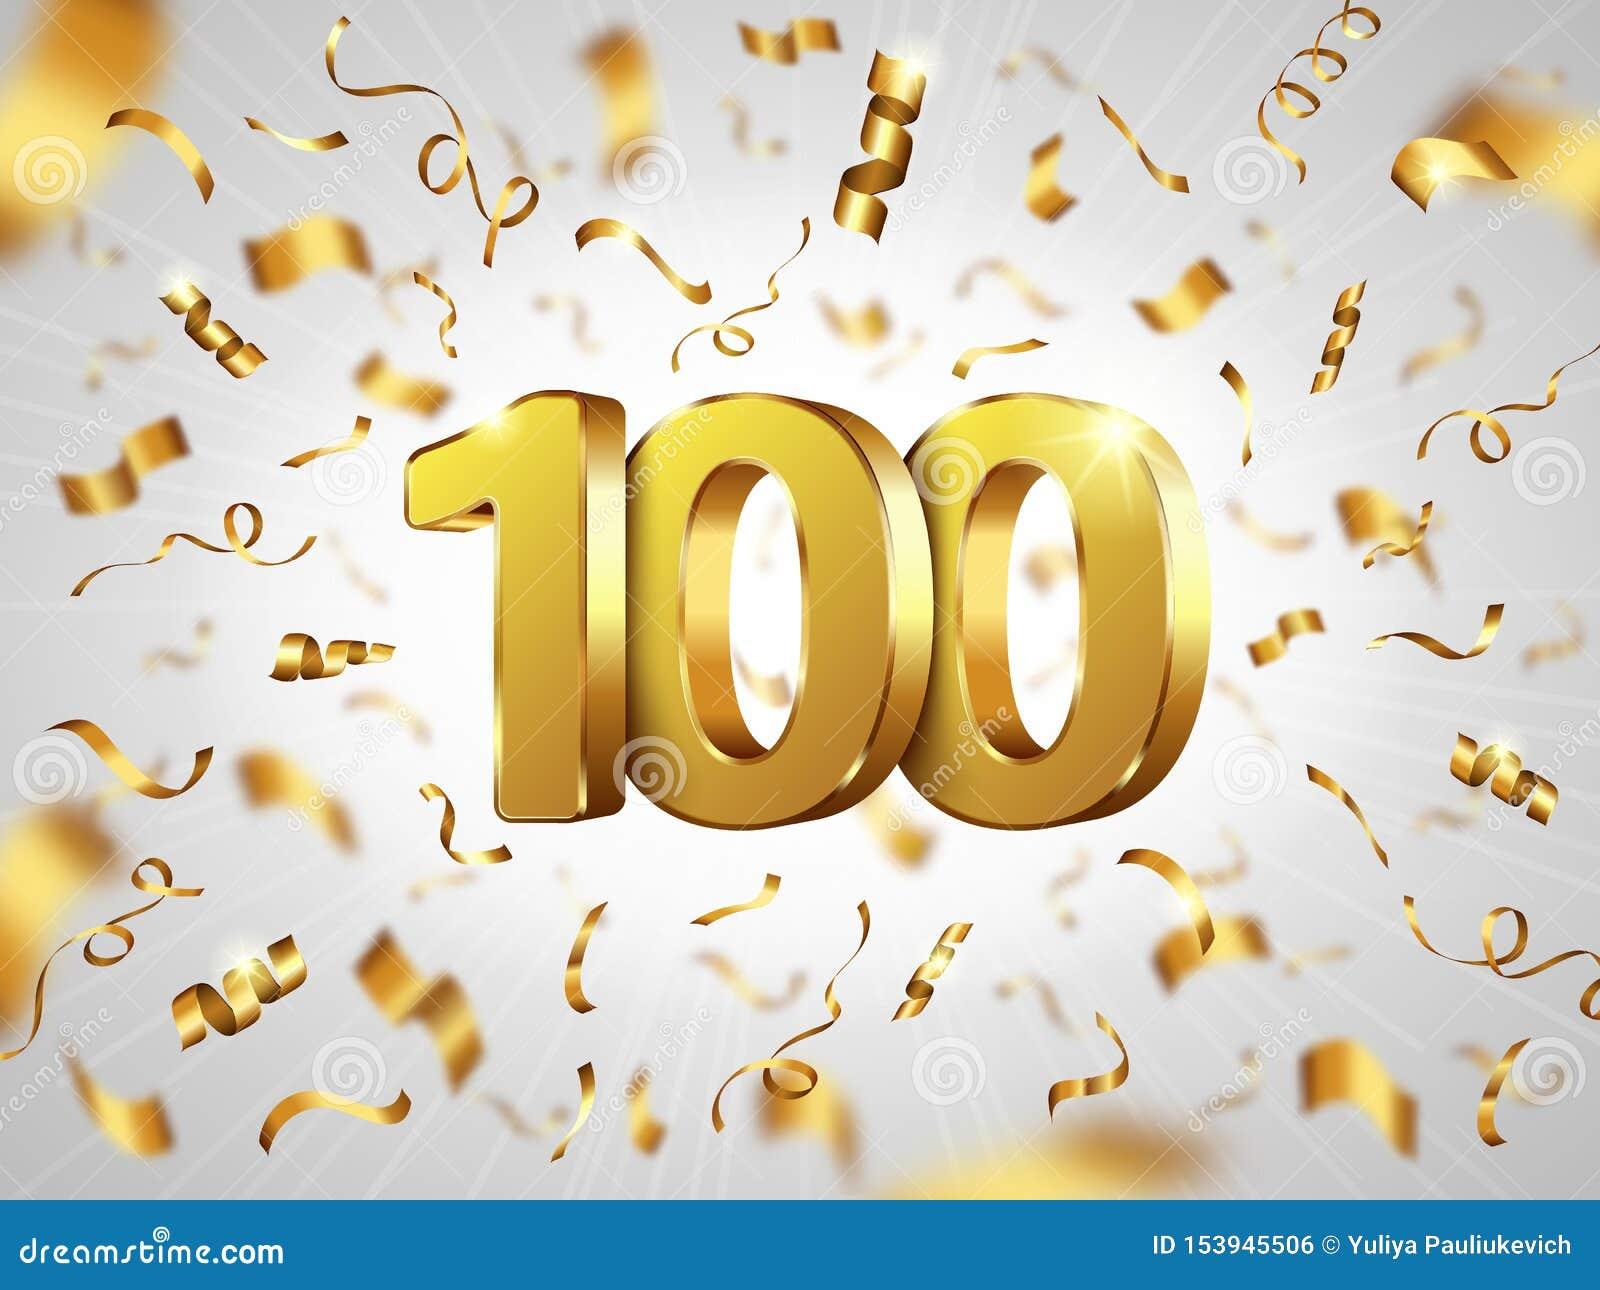 Celebration D Anniversaire De 100 Ans Banniere Realiste Illustration De Vecteur Illustration Du Banniere Realiste 153945506